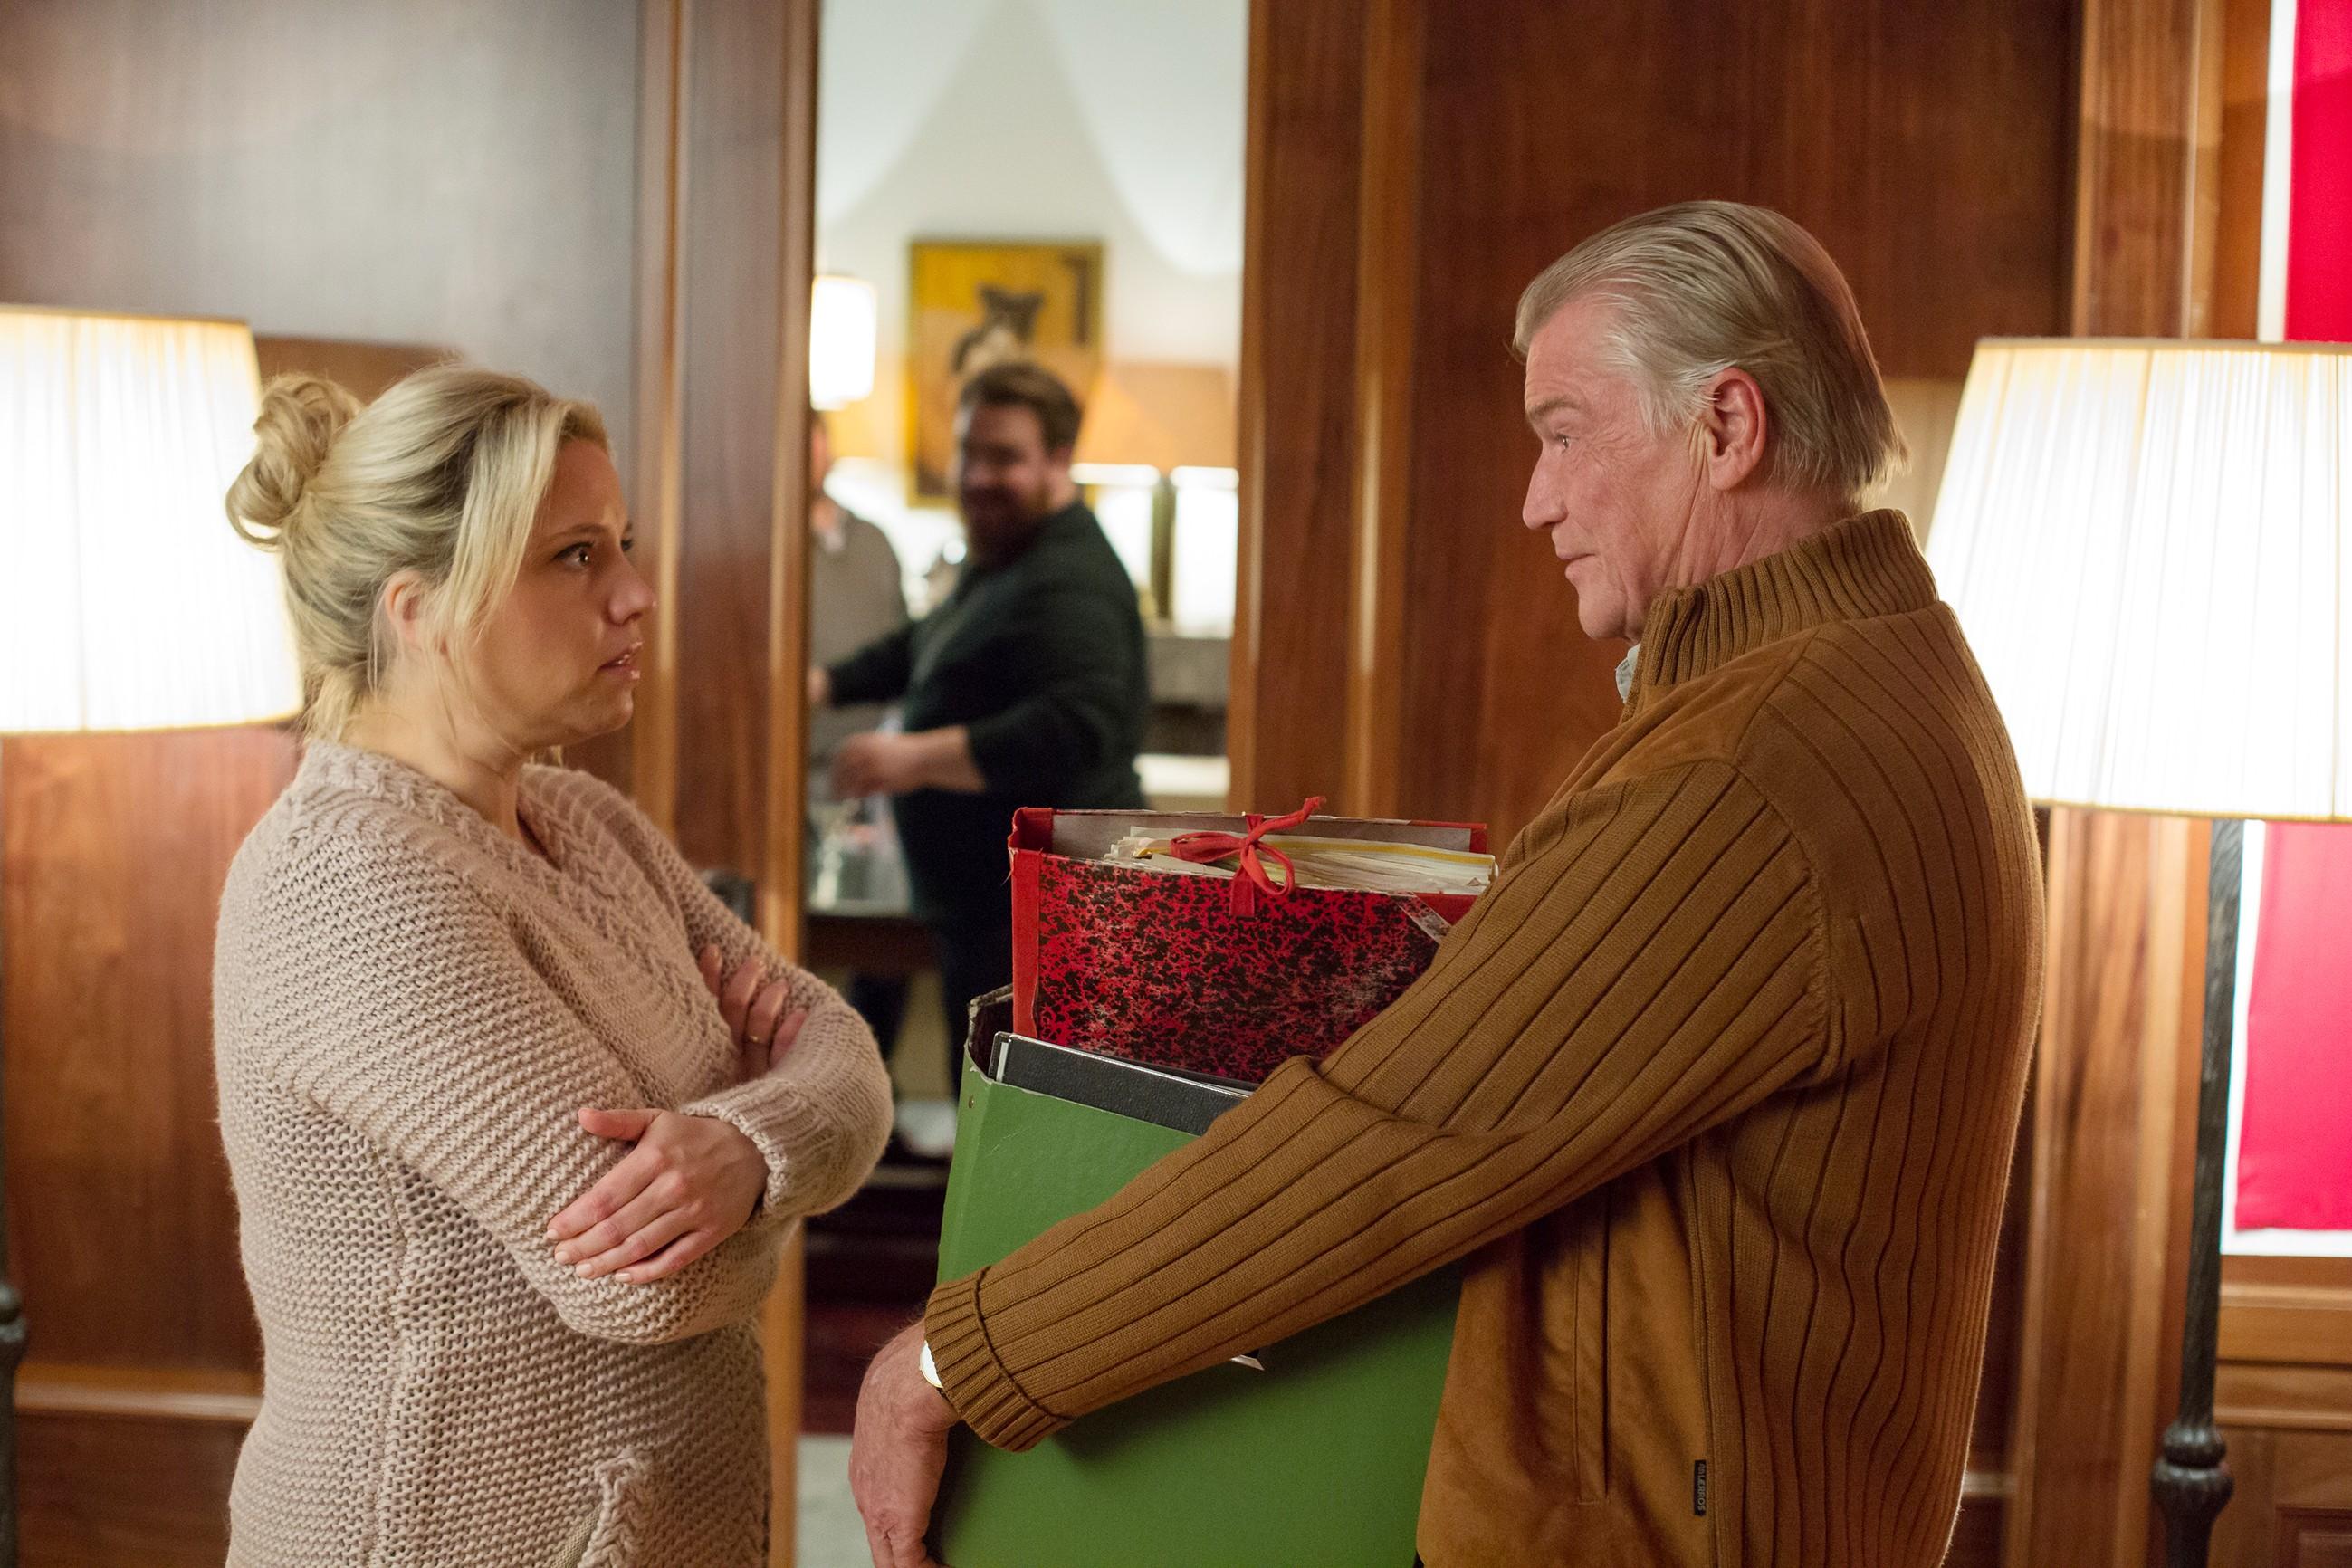 """Helmut (Jochen Busse) findet den roten Ordner und weist Dagmar (Caroline Maria Frier) auf eine """"rosige"""" Zukunft hin."""